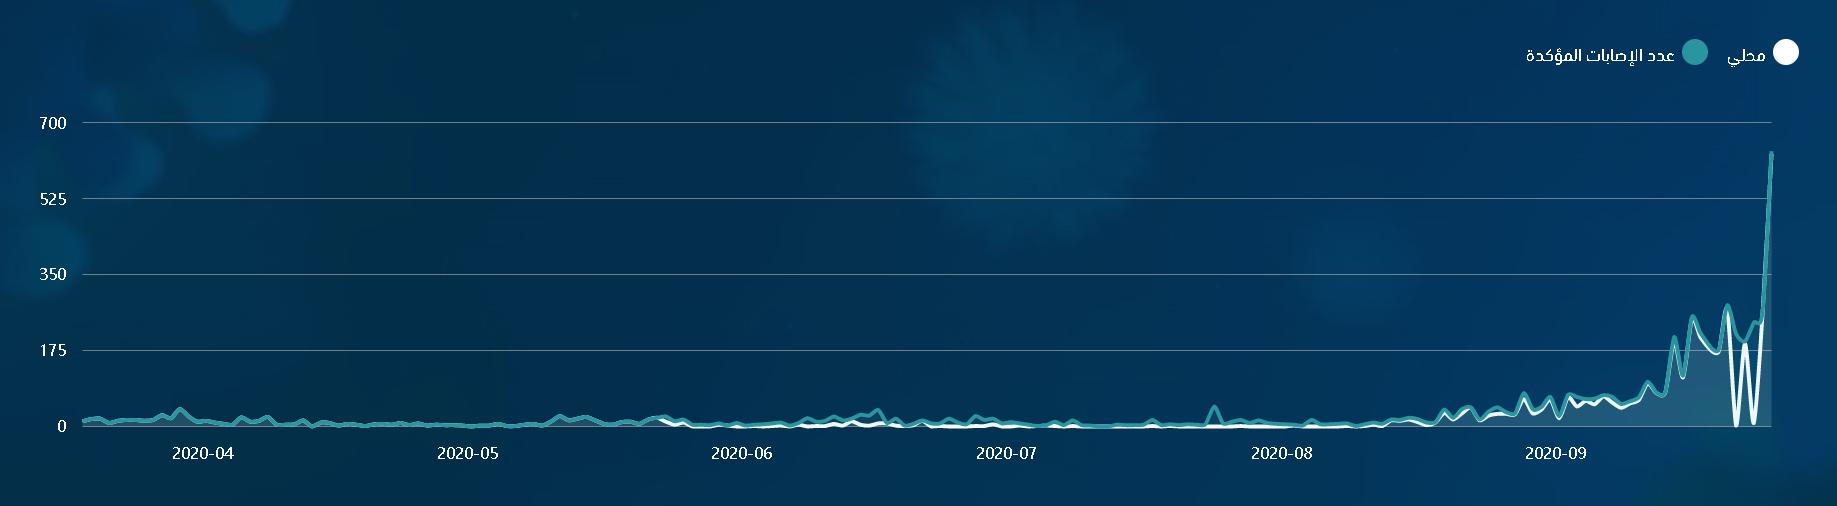 △约旦每日新增病例实时曲线图